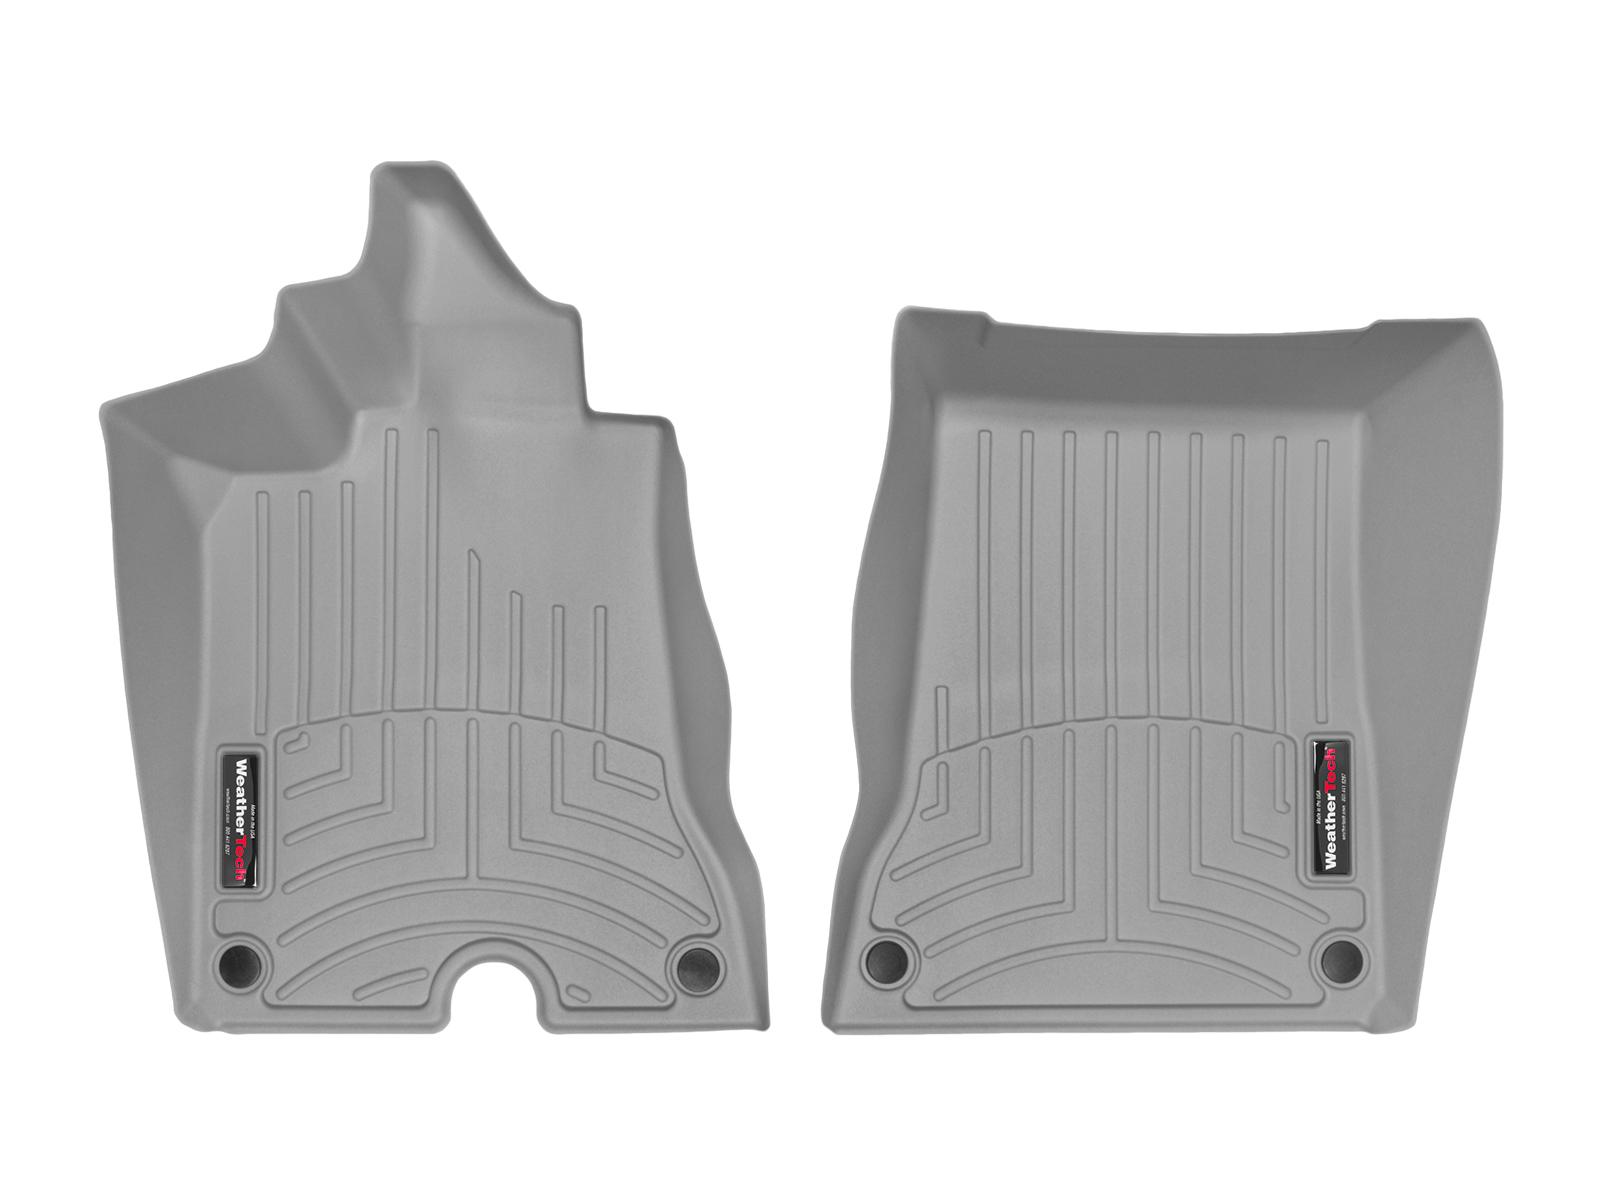 Tappeti gomma su misura bordo alto Ferrari California T 14>15 Grigio A737*